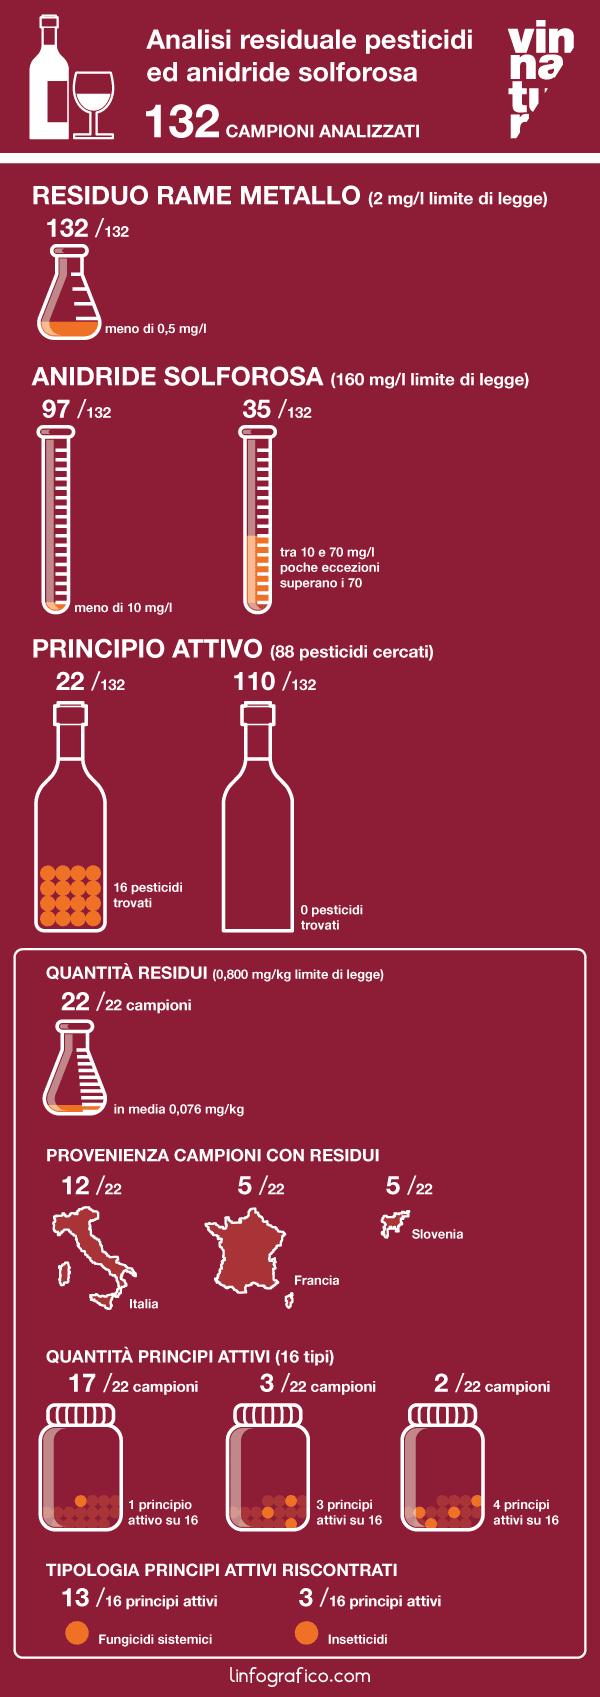 Infografica analisi chimica Vinnatur 02